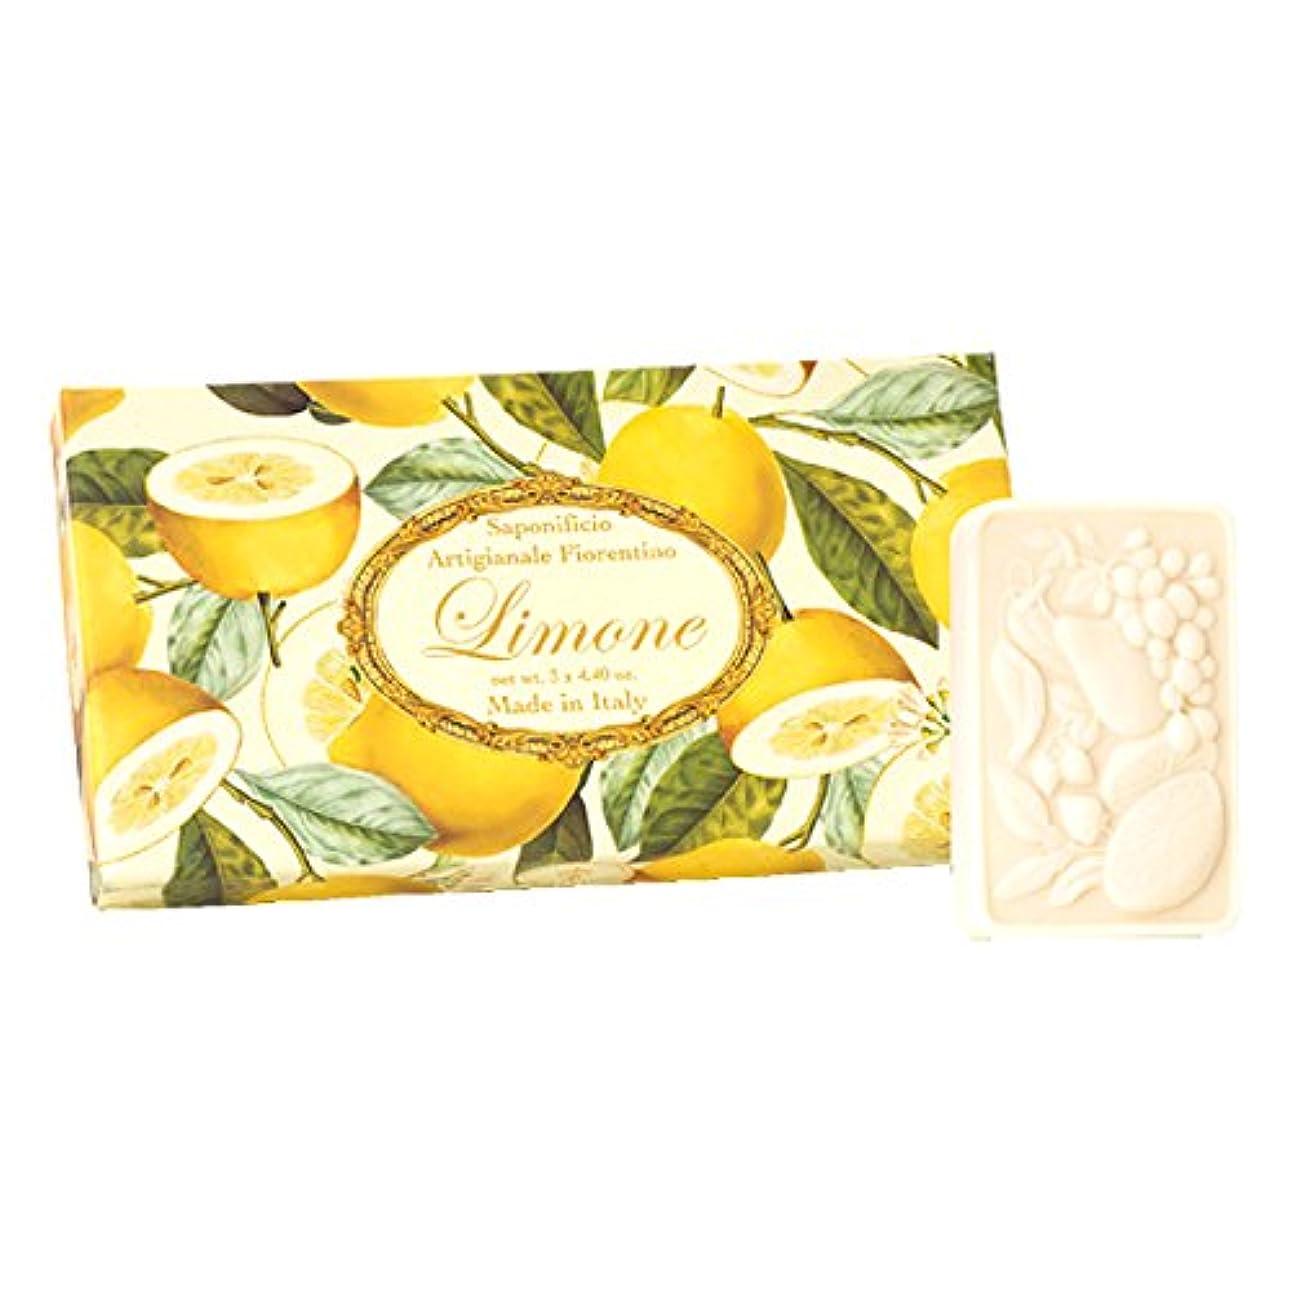 ボンドプレゼンテーションコストフィレンツェの 長い歴史から生まれたこだわり石鹸 レモン【刻印125g×3個セット】